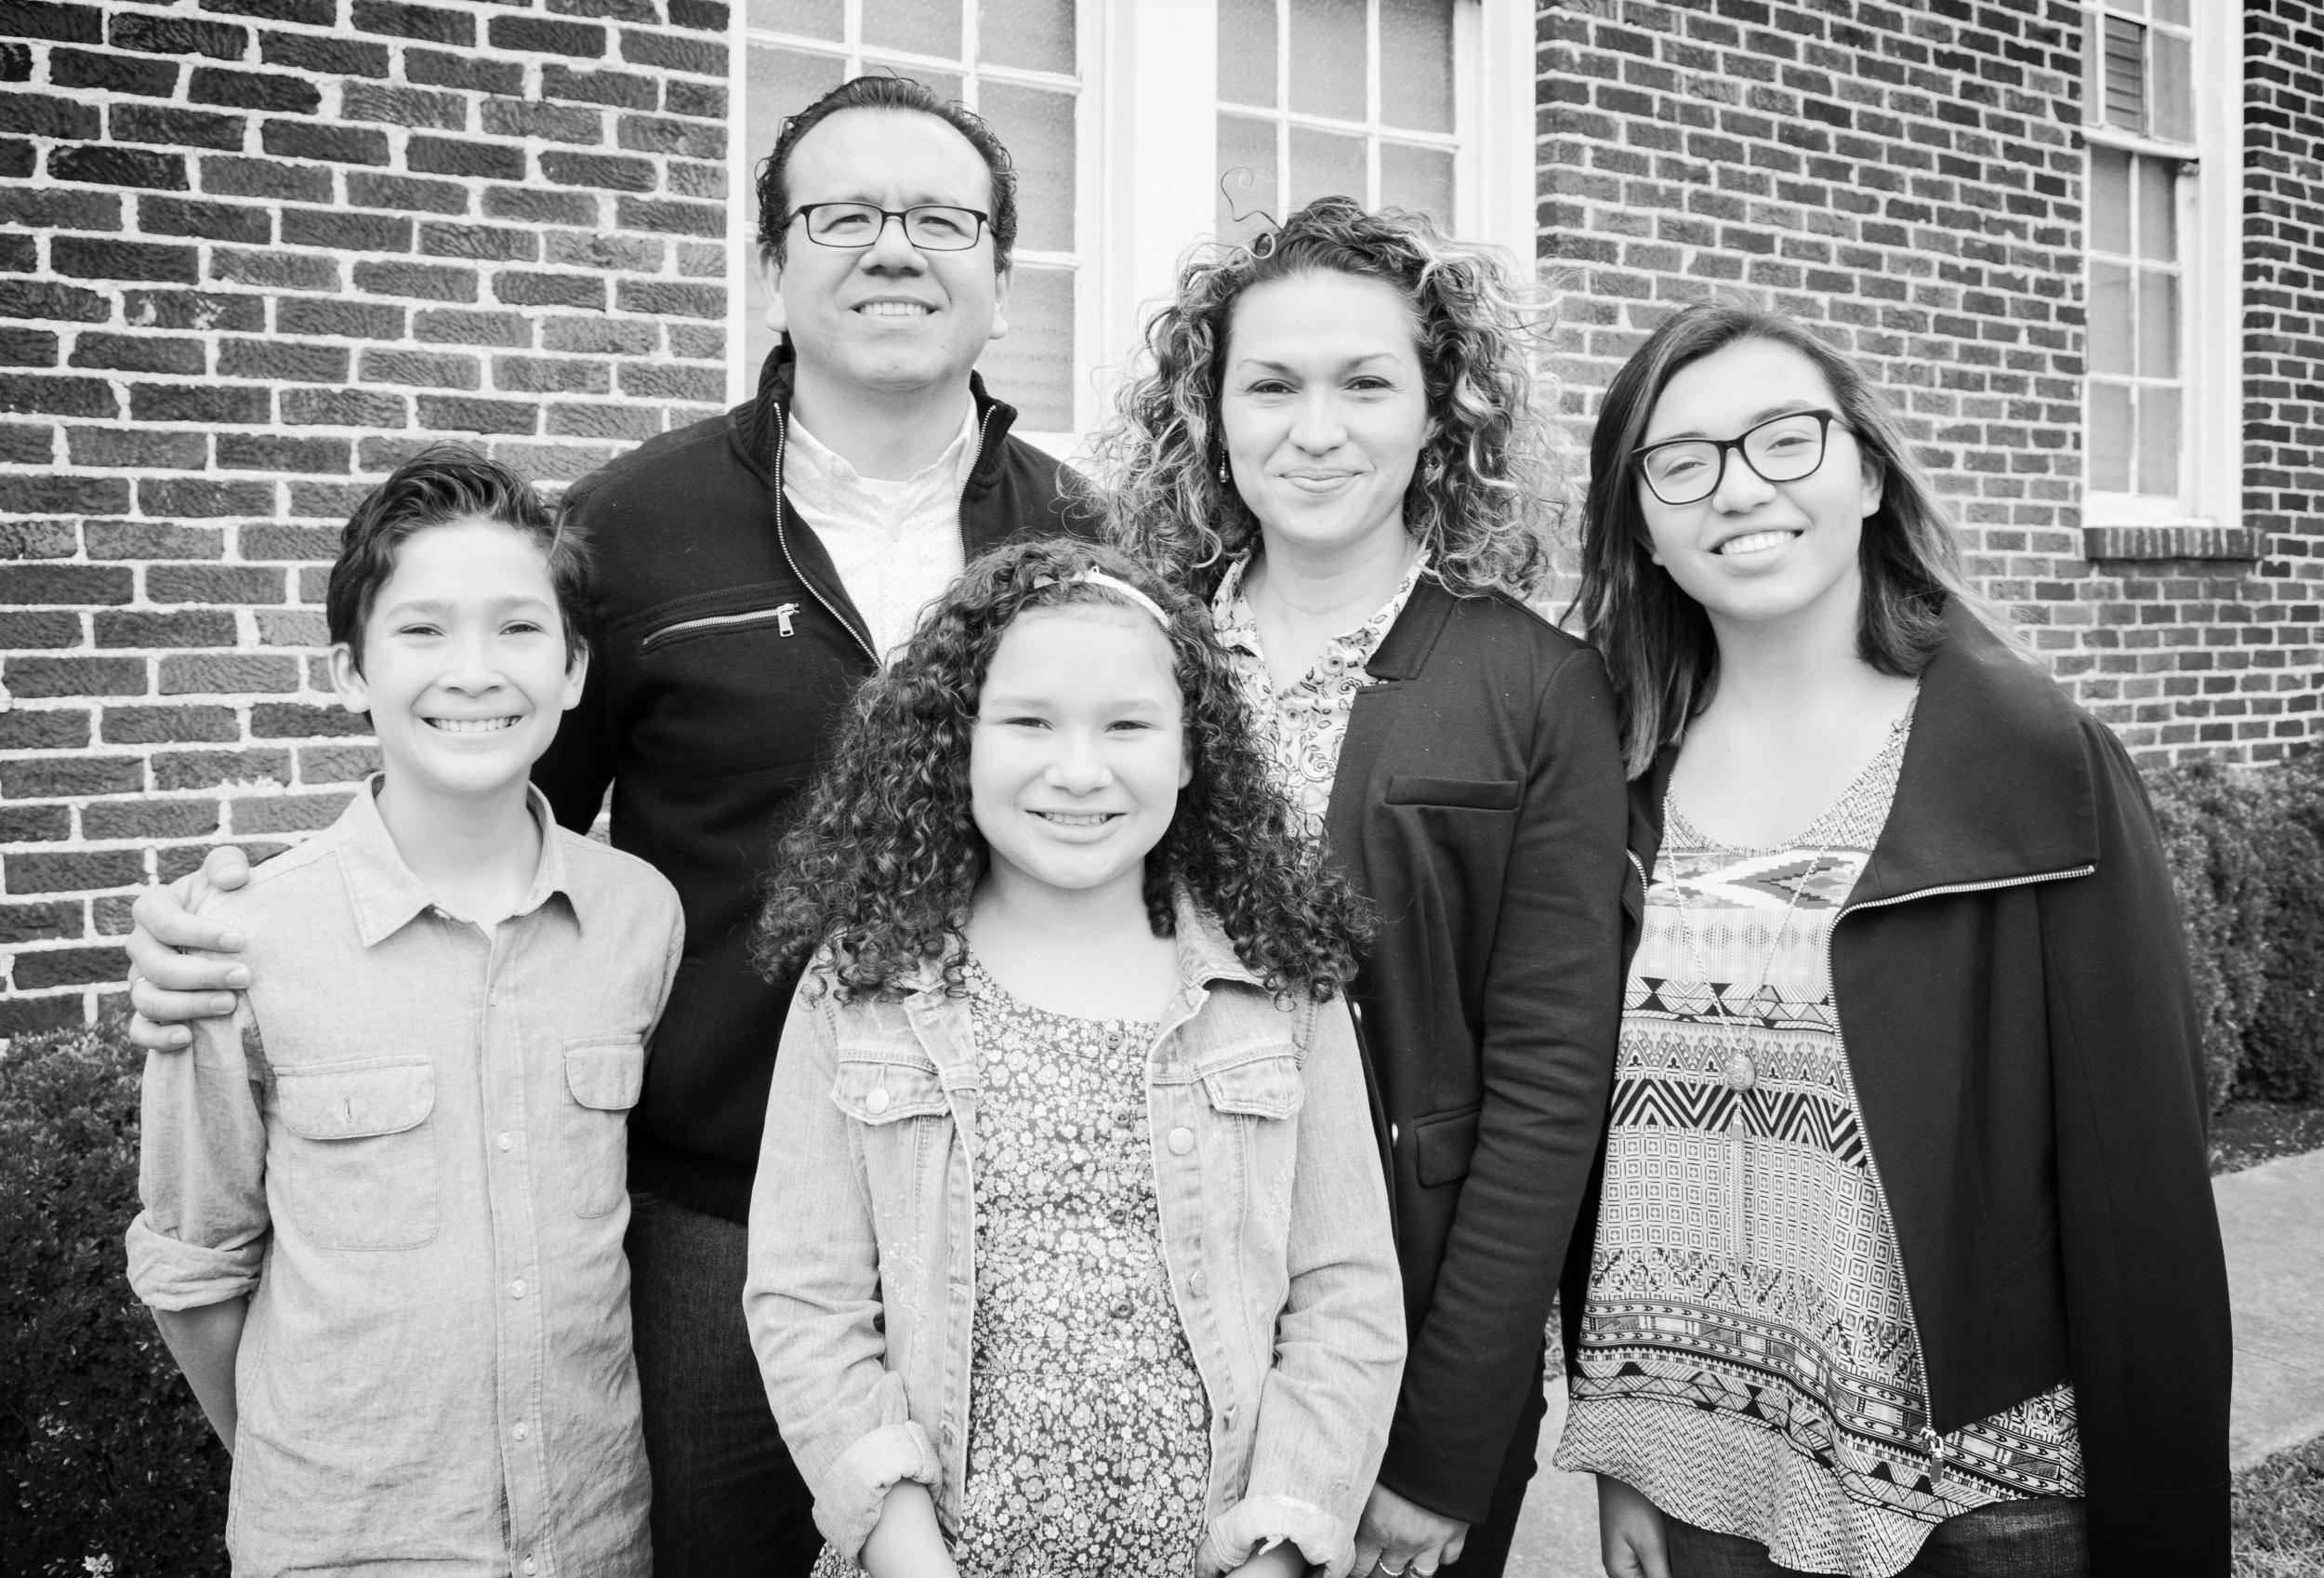 Pastores Neil y Lenis con sus hijos: Virginia, Ilan y Victoria